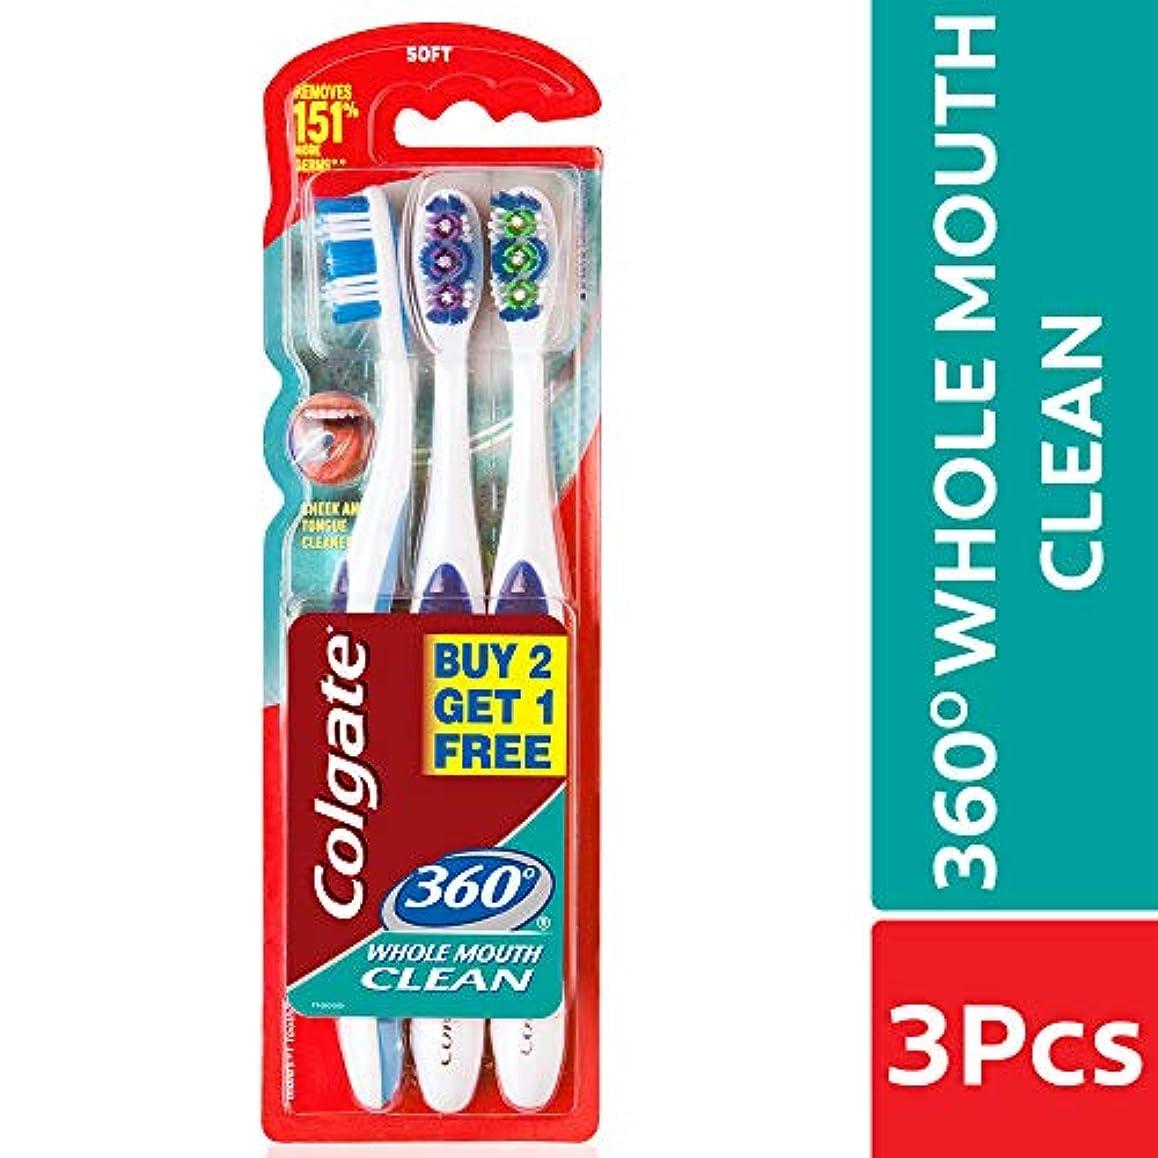 大胆不敵切断する合体Colgate 360 whole mouth clean (MEDIUM) toothbrush (3pc pack)